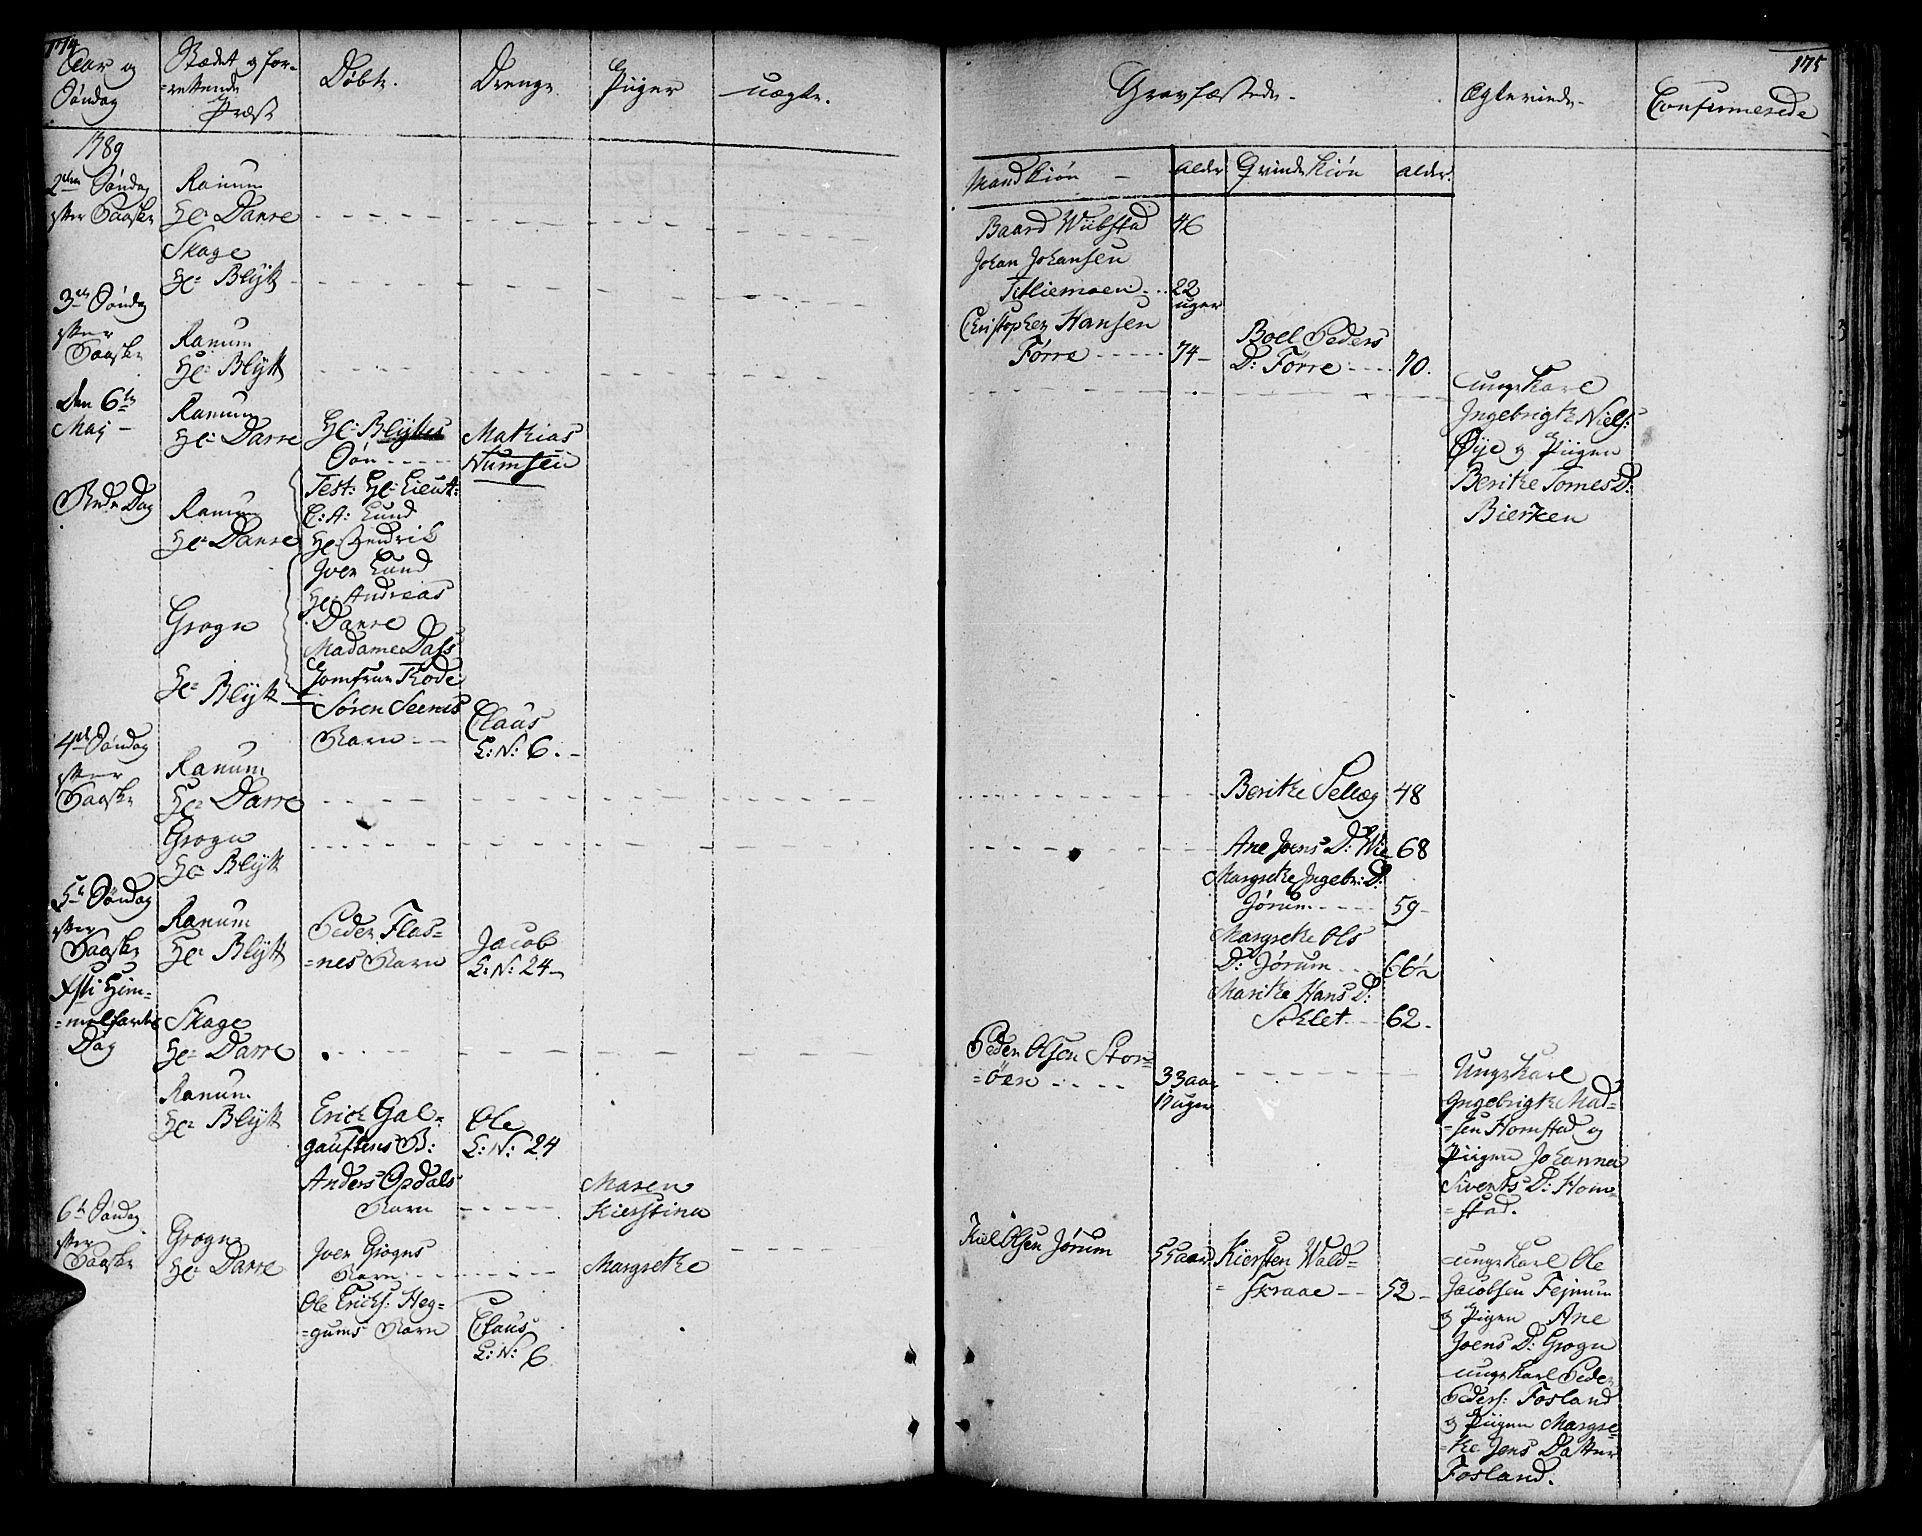 SAT, Ministerialprotokoller, klokkerbøker og fødselsregistre - Nord-Trøndelag, 764/L0544: Ministerialbok nr. 764A04, 1780-1798, s. 174-175